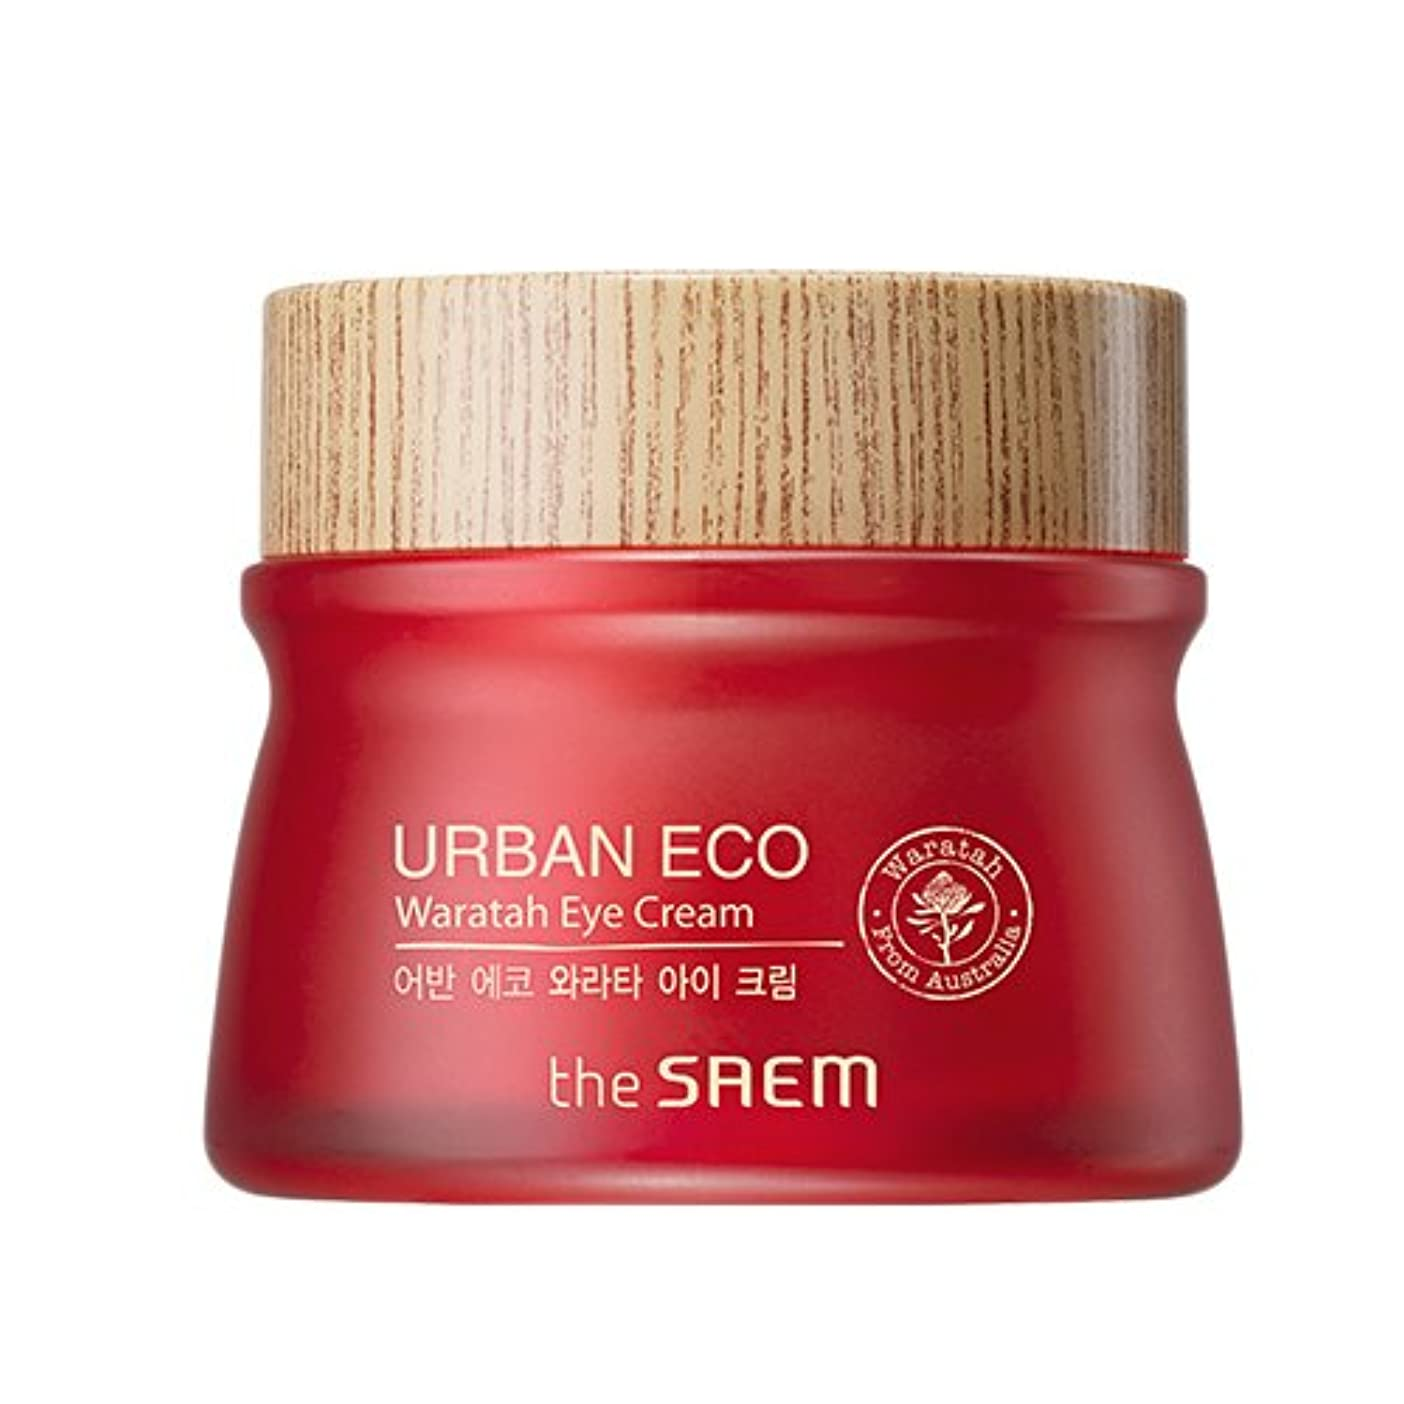 送った谷骨の折れるドセム アーバンエコワラターアイクリーム 30ml Urban Eco Waratah Eye Cream [並行輸入品]